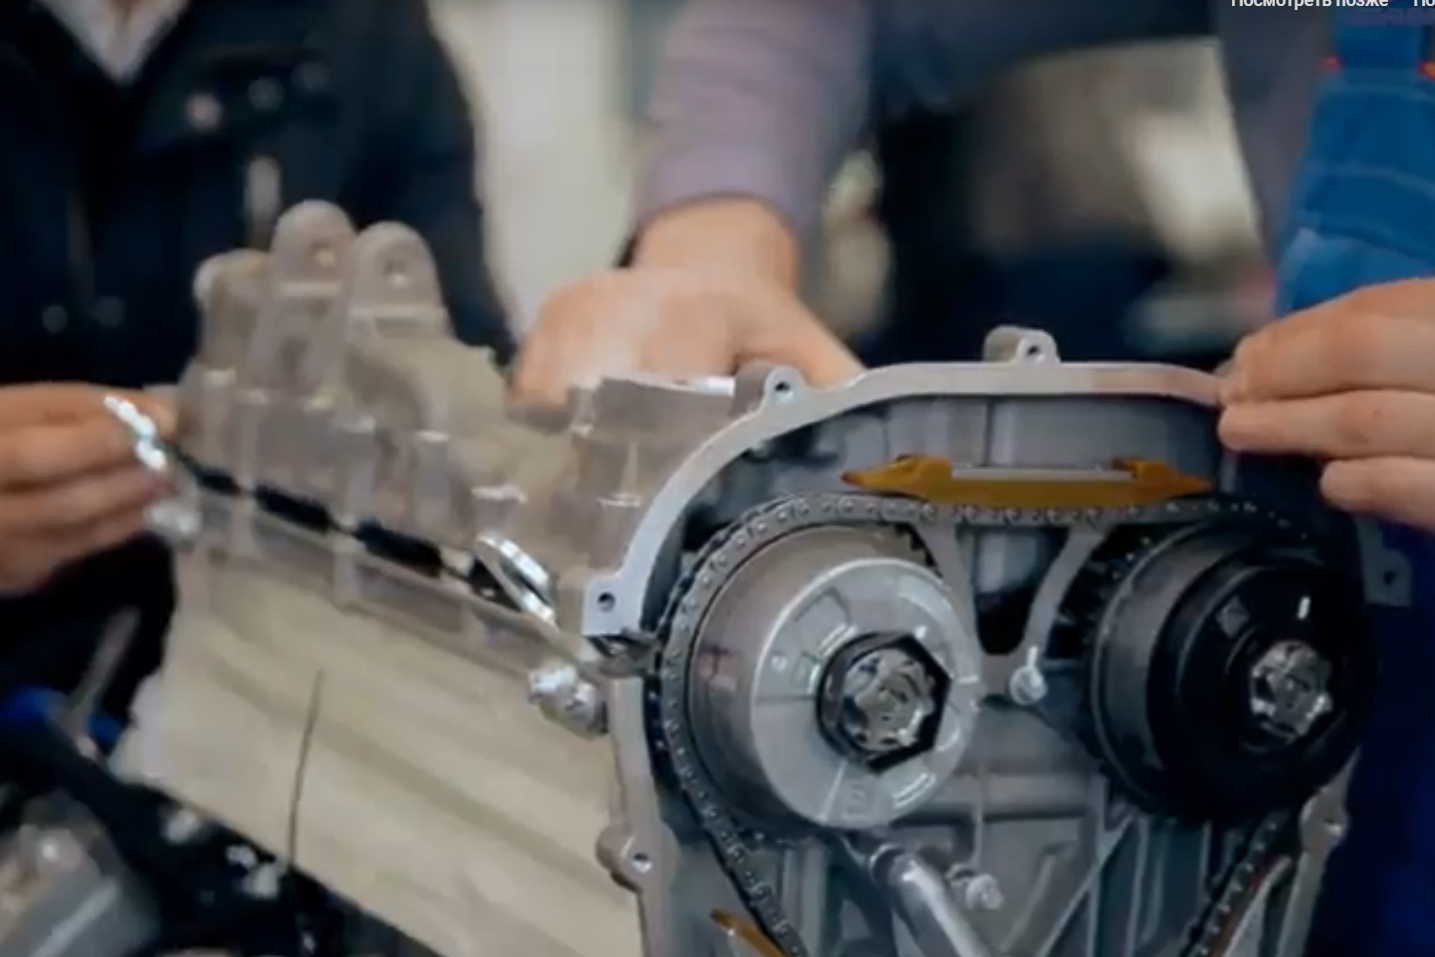 Двигатель автомобилей Aurus пока так и не стал высокотехнологичным. Впрочем, главное — начать!